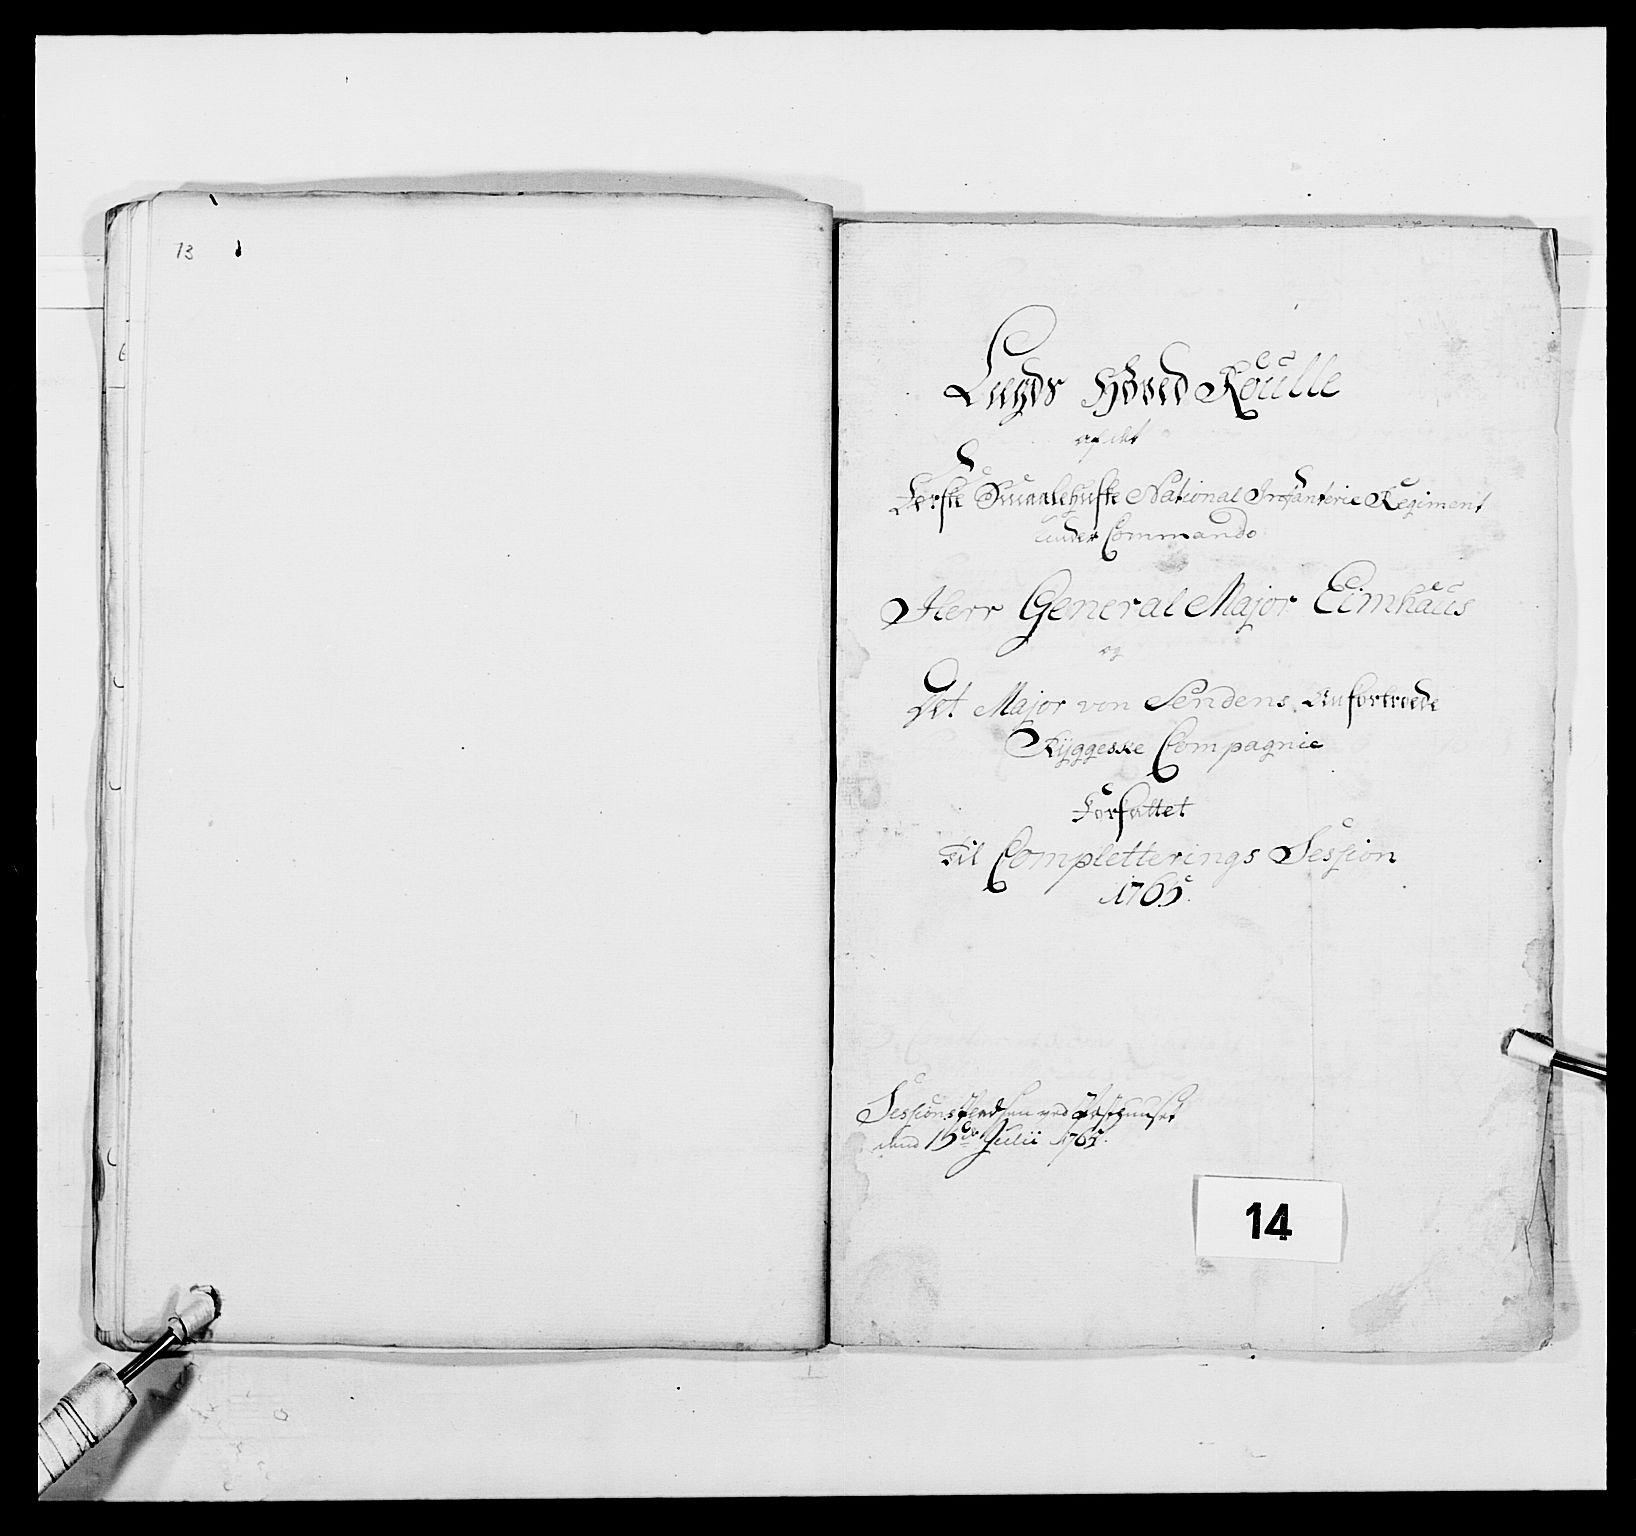 RA, Kommanderende general (KG I) med Det norske krigsdirektorium, E/Ea/L0496: 1. Smålenske regiment, 1765-1767, s. 128